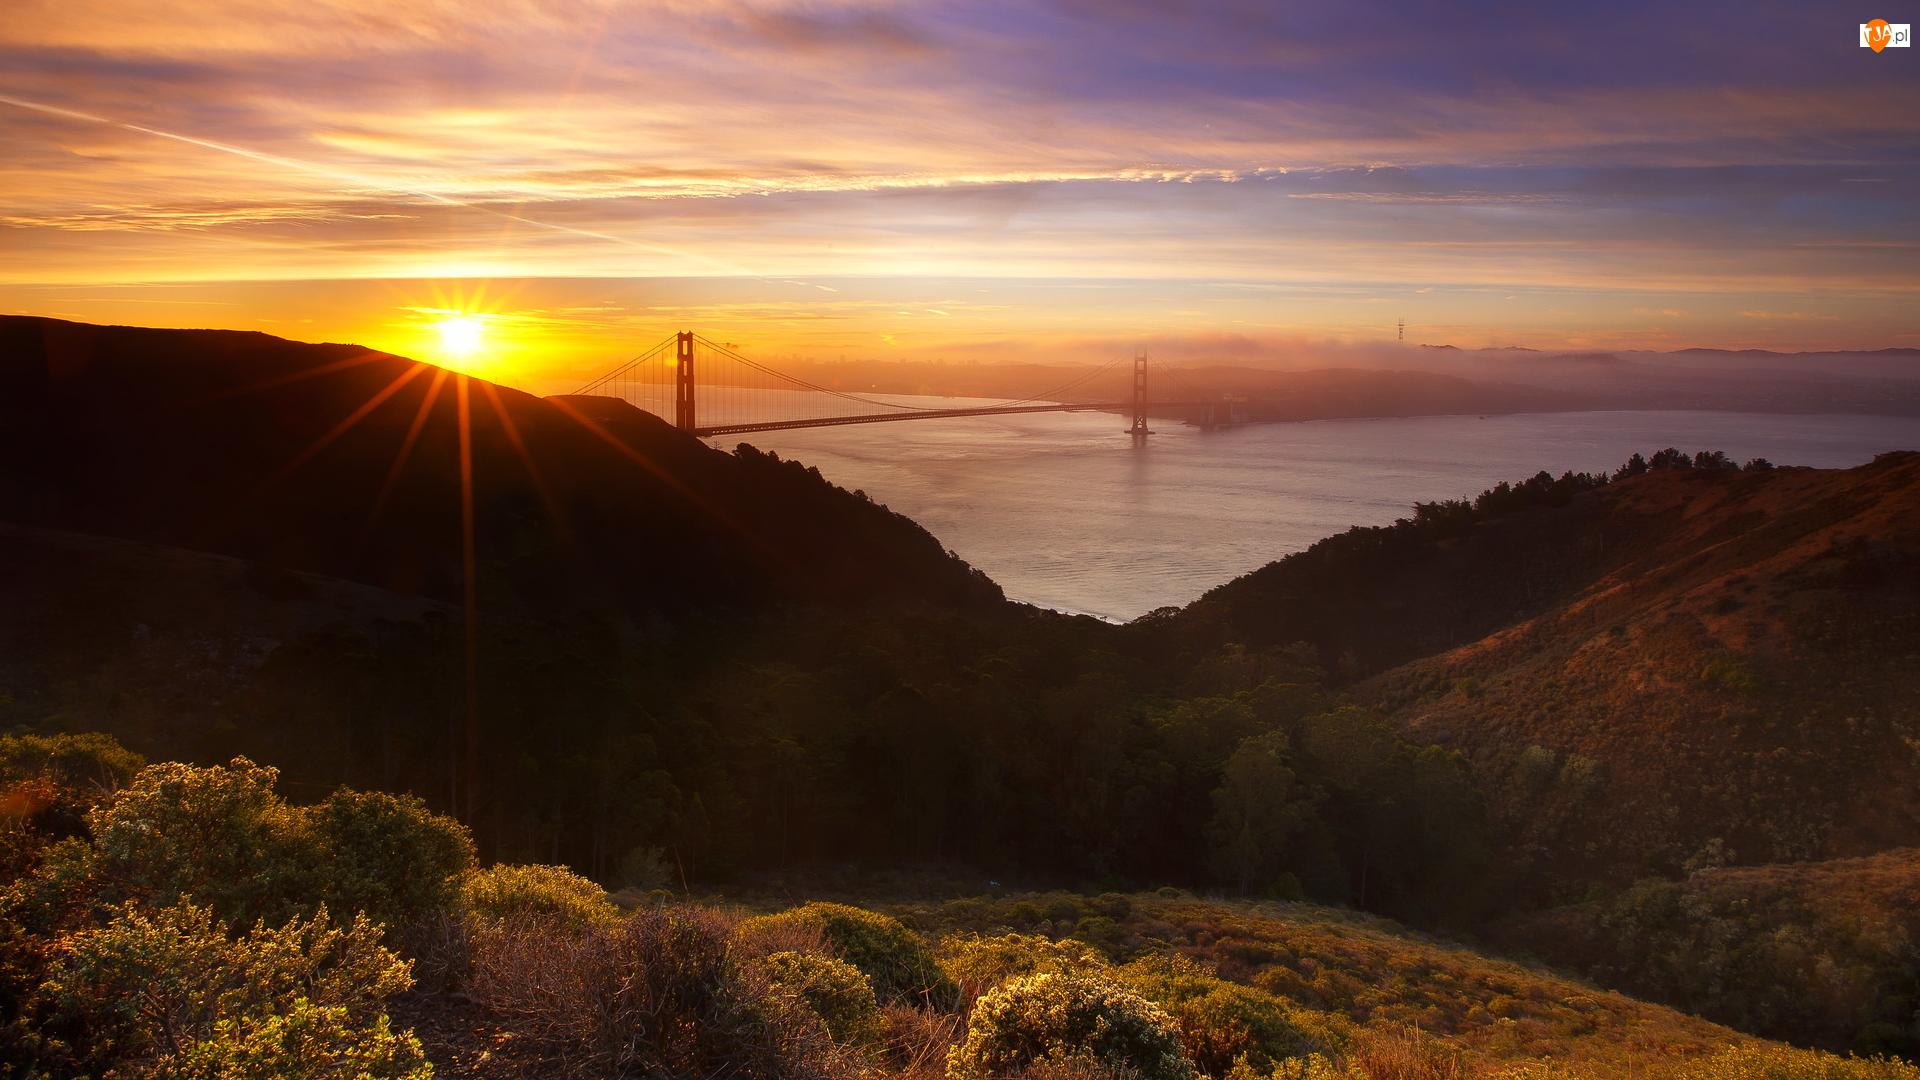 Most Golden Gate, Wschód słońca, Wzgórze Hawk Hill, Stan Kalifornia, Chmury, Cieśnina Golden Gate, Stany Zjednoczone, Promienie słońca